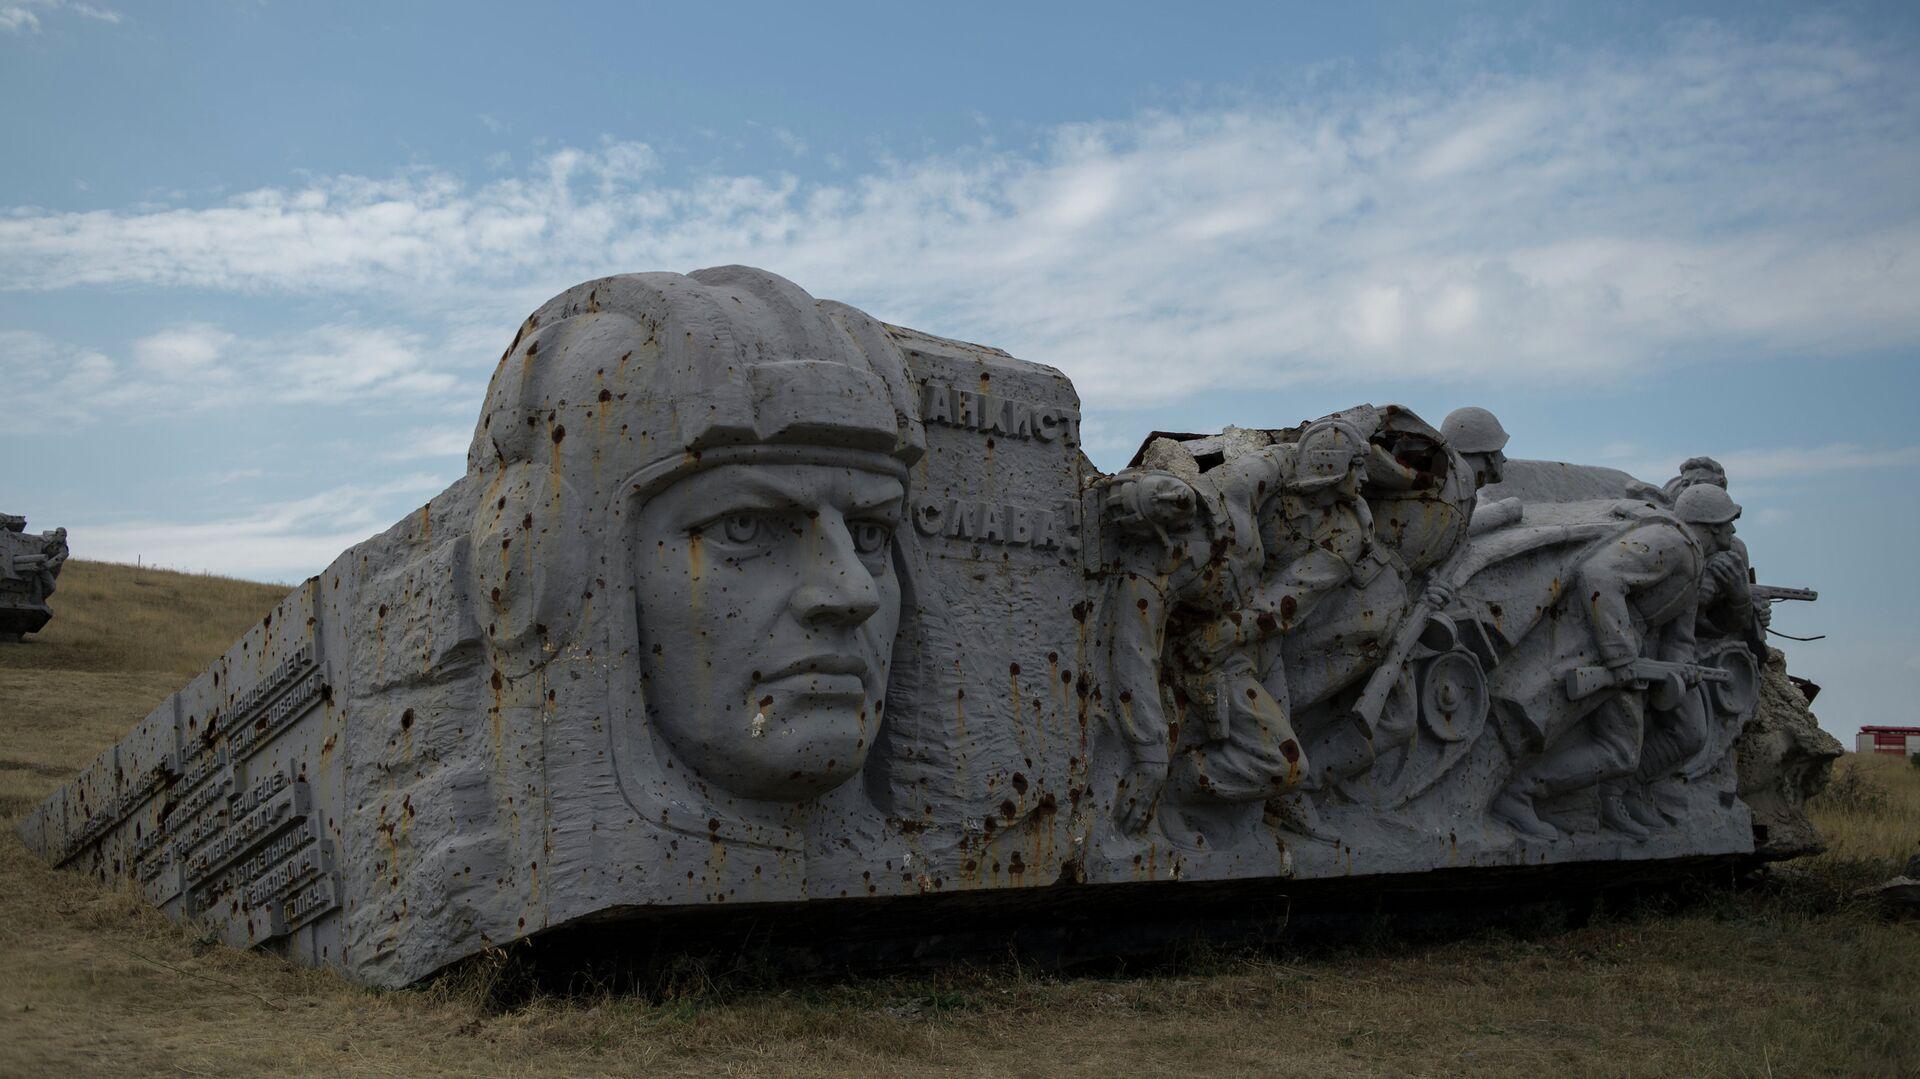 Мероприятия на Саур-Могиле в ознаменование 72-й годовщины освобождения Донбасса от немецко-фашистских захватчиков - РИА Новости, 1920, 08.05.2021